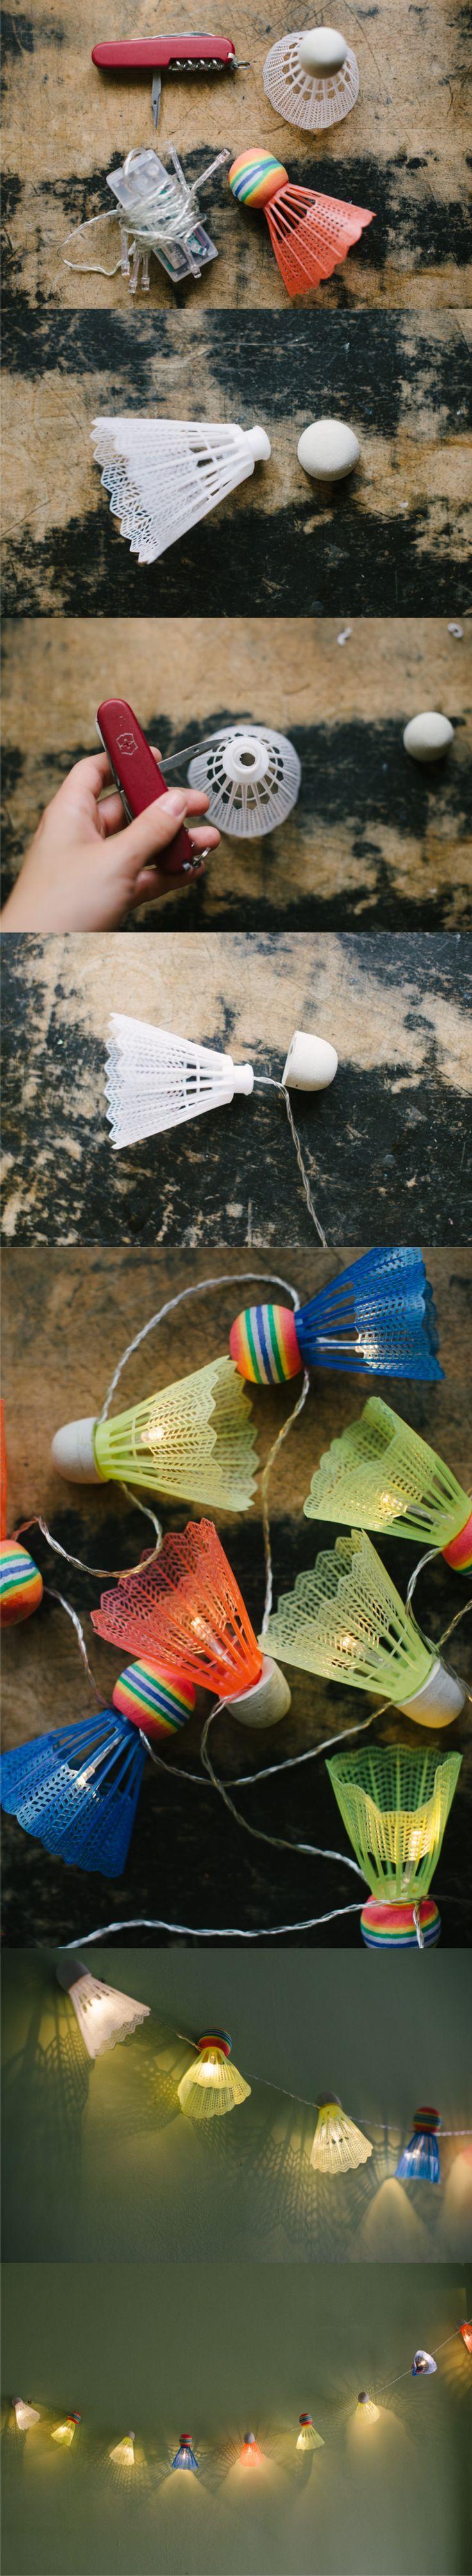 Farolillos reutilizando pelotas de bádminton - Muy Ingenioso